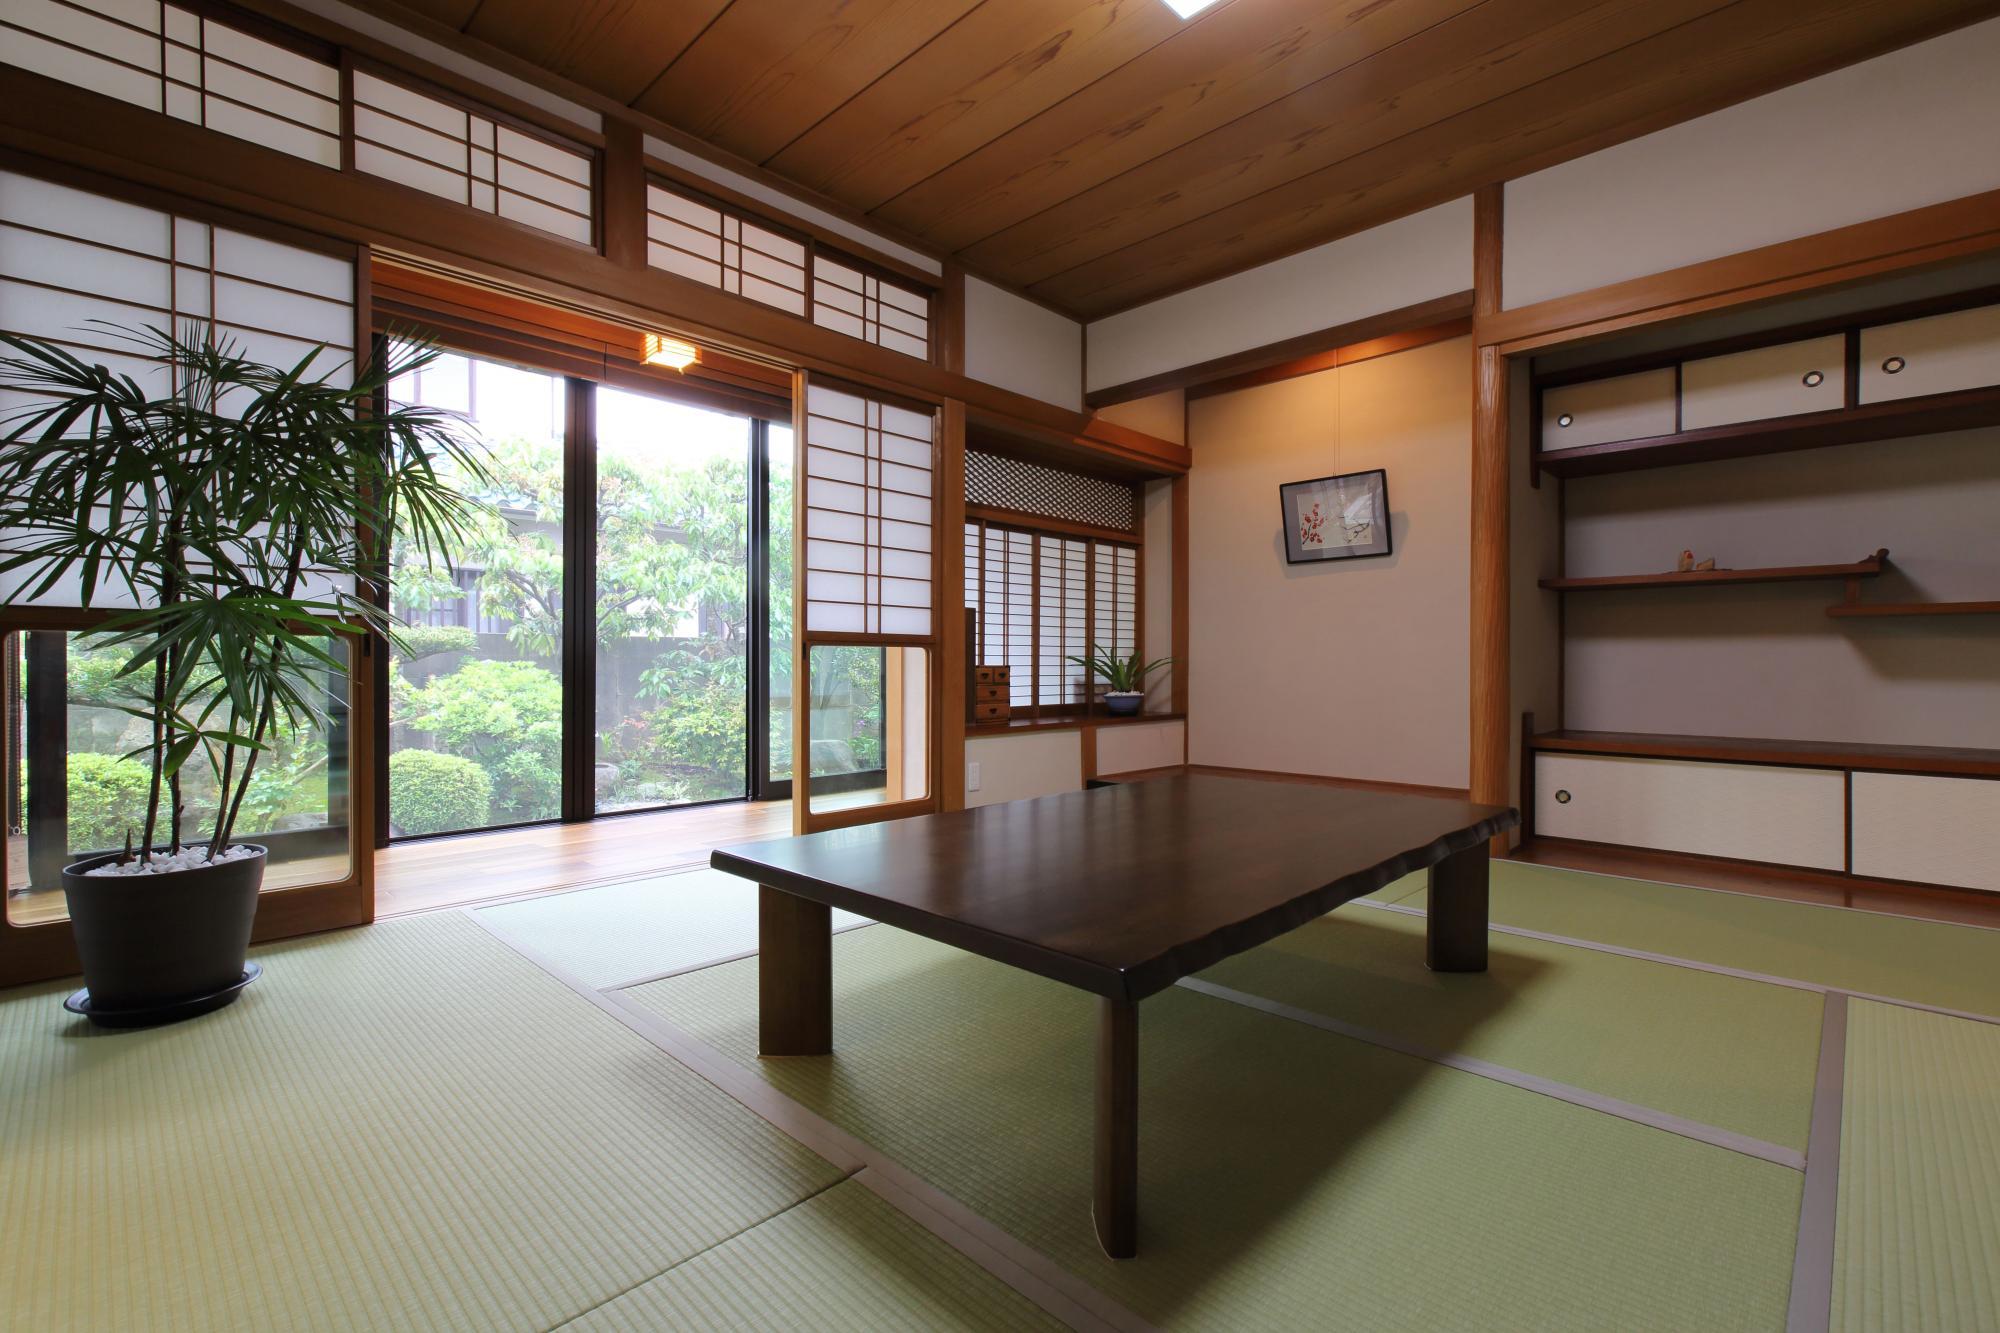 書院造りの落ち着いた和室はご主人のお気に入り。木部の染みや汚れを落とし、壁を塗り替え、畳はメンテナンスがラクな和紙畳に。